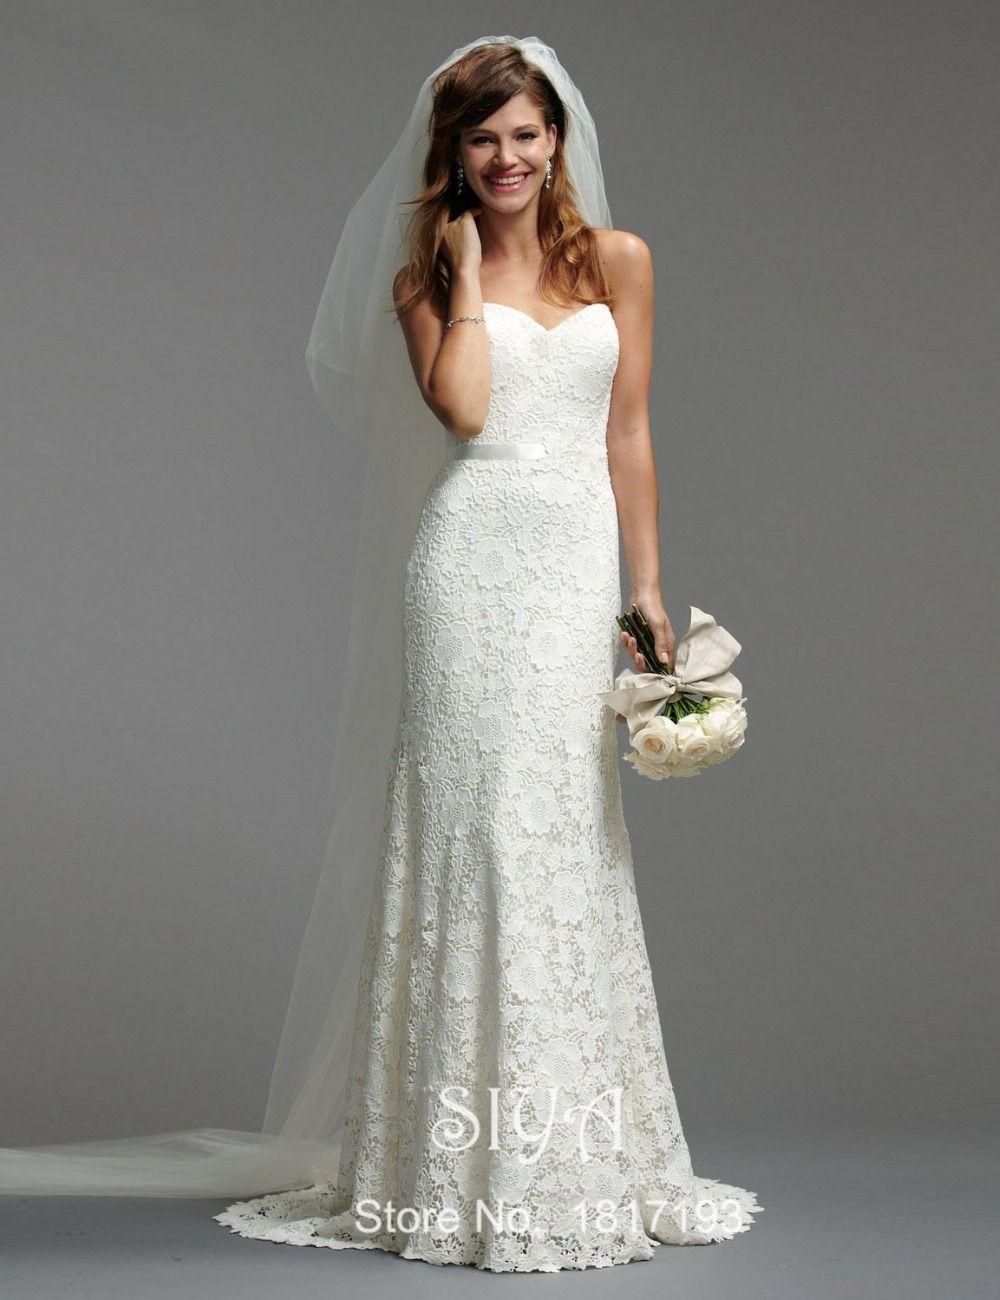 Berühmt Weiß Einfache Brautkleid Bilder - Brautkleider Ideen ...